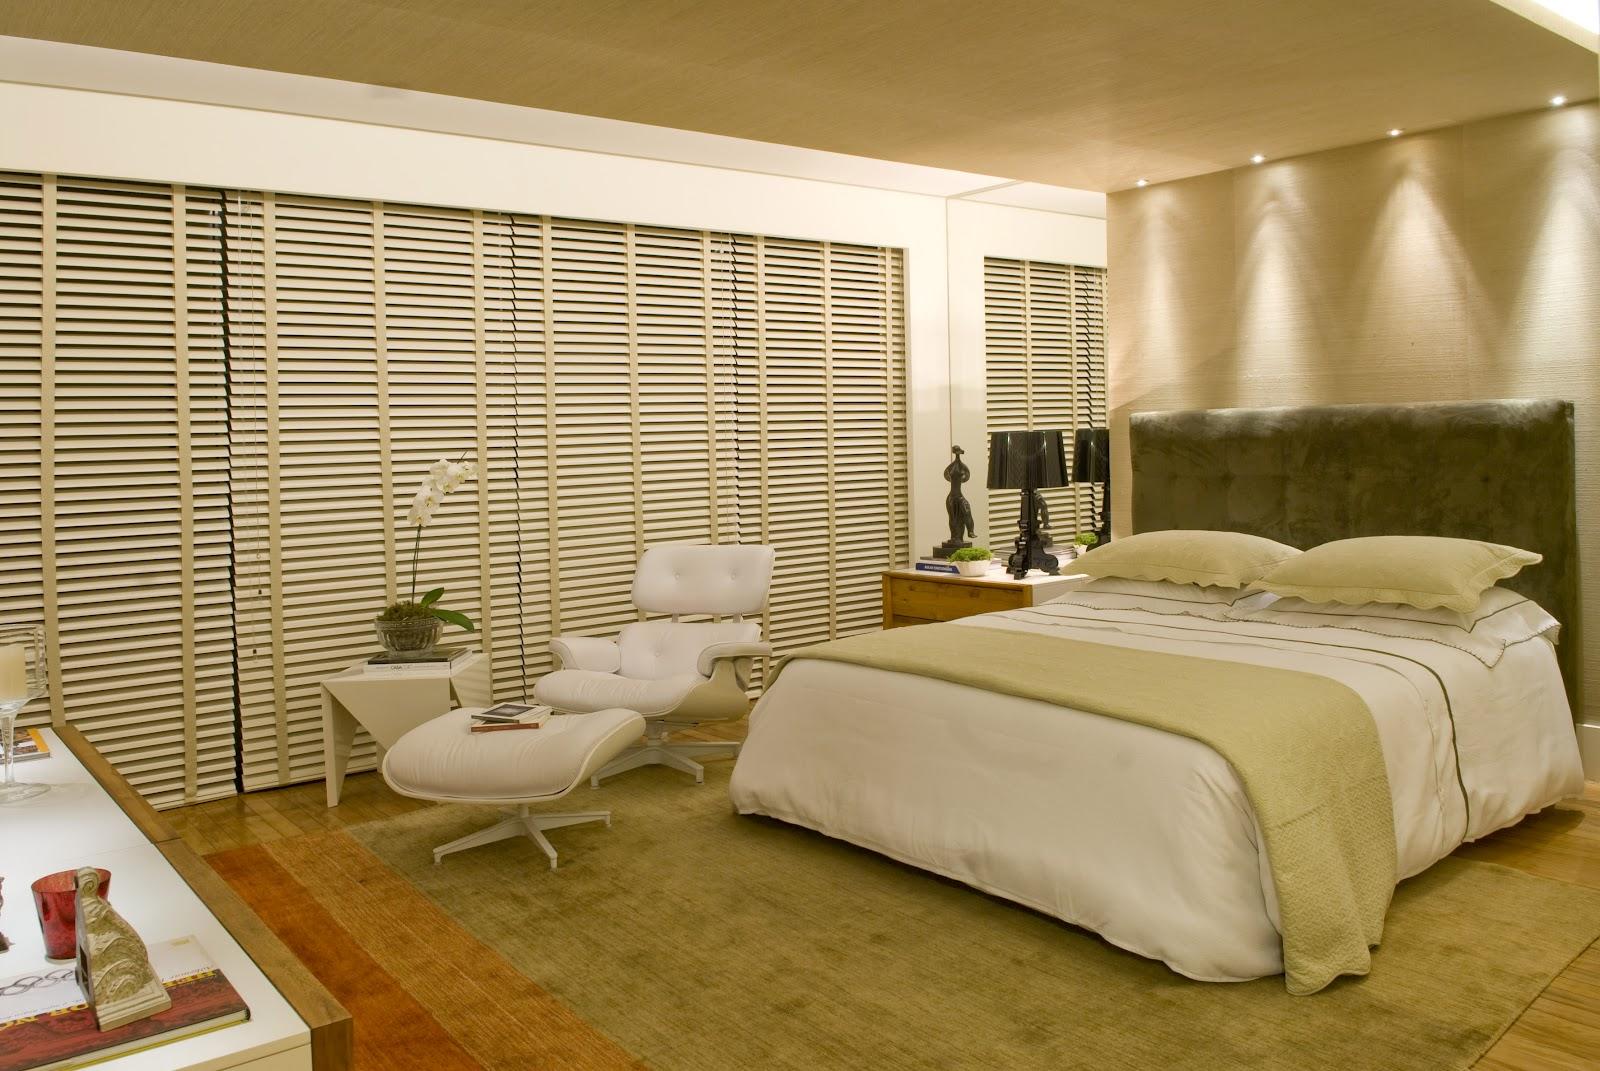 persianas-para-decorar-quarto